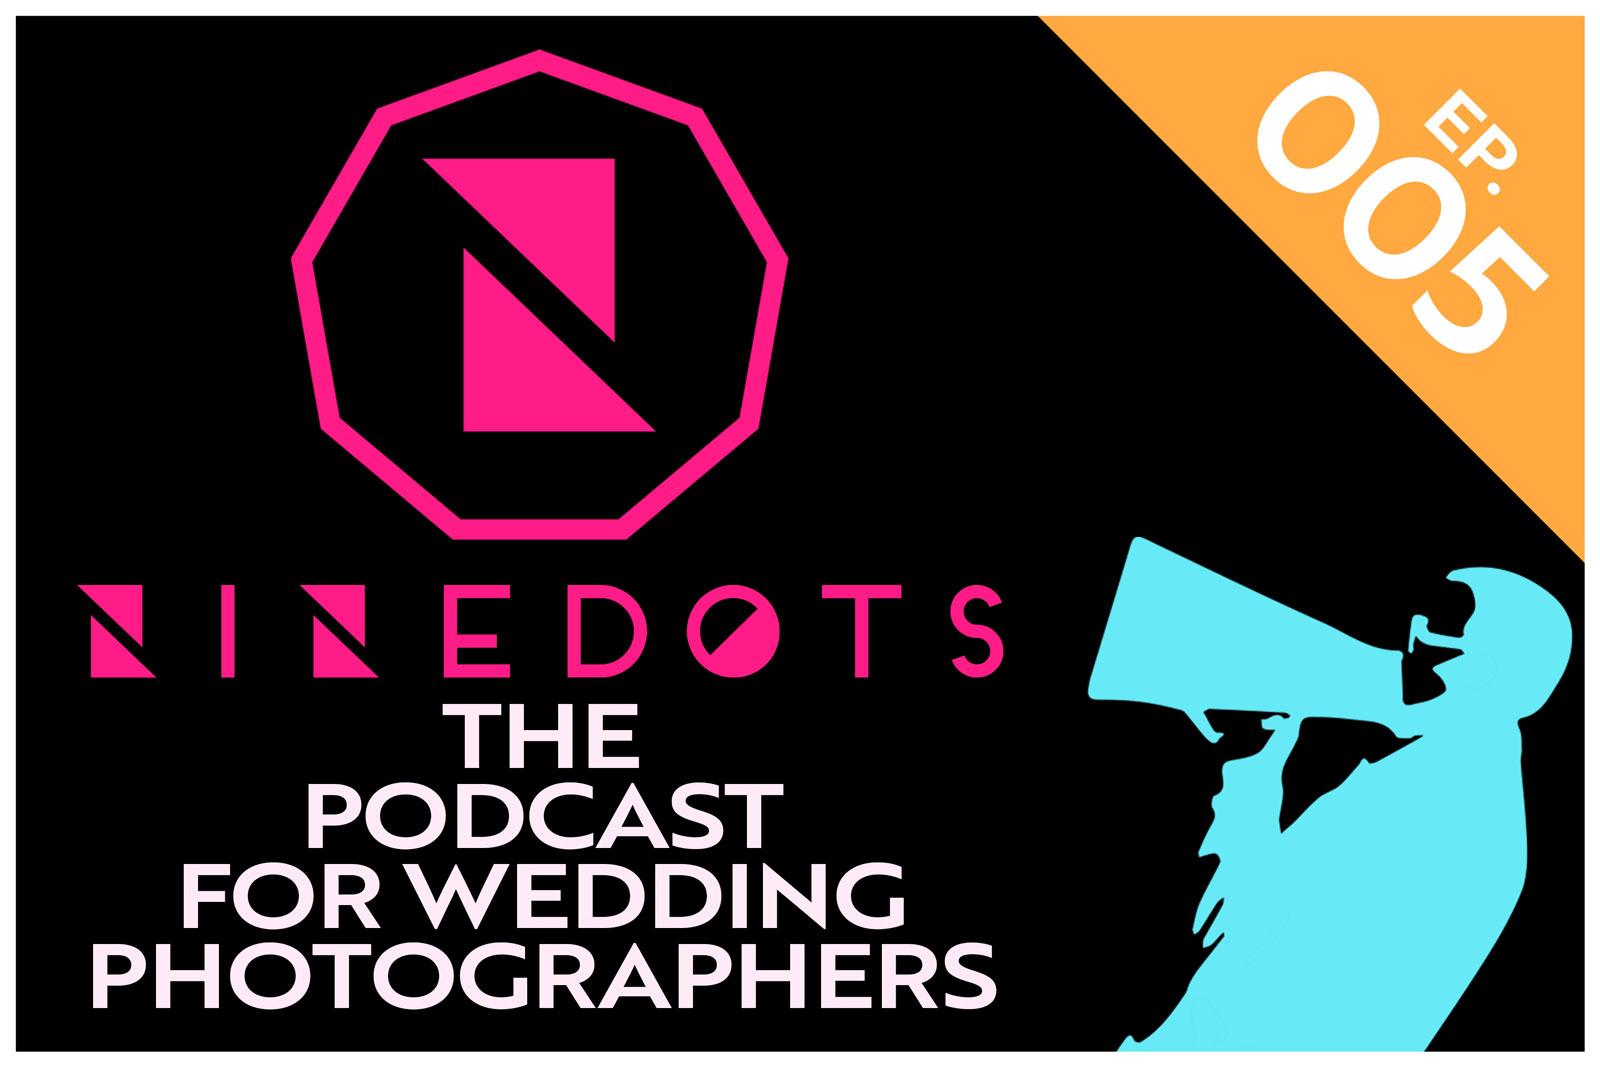 Wedding Photography Podcast episode 5 featuring Nadia Meli